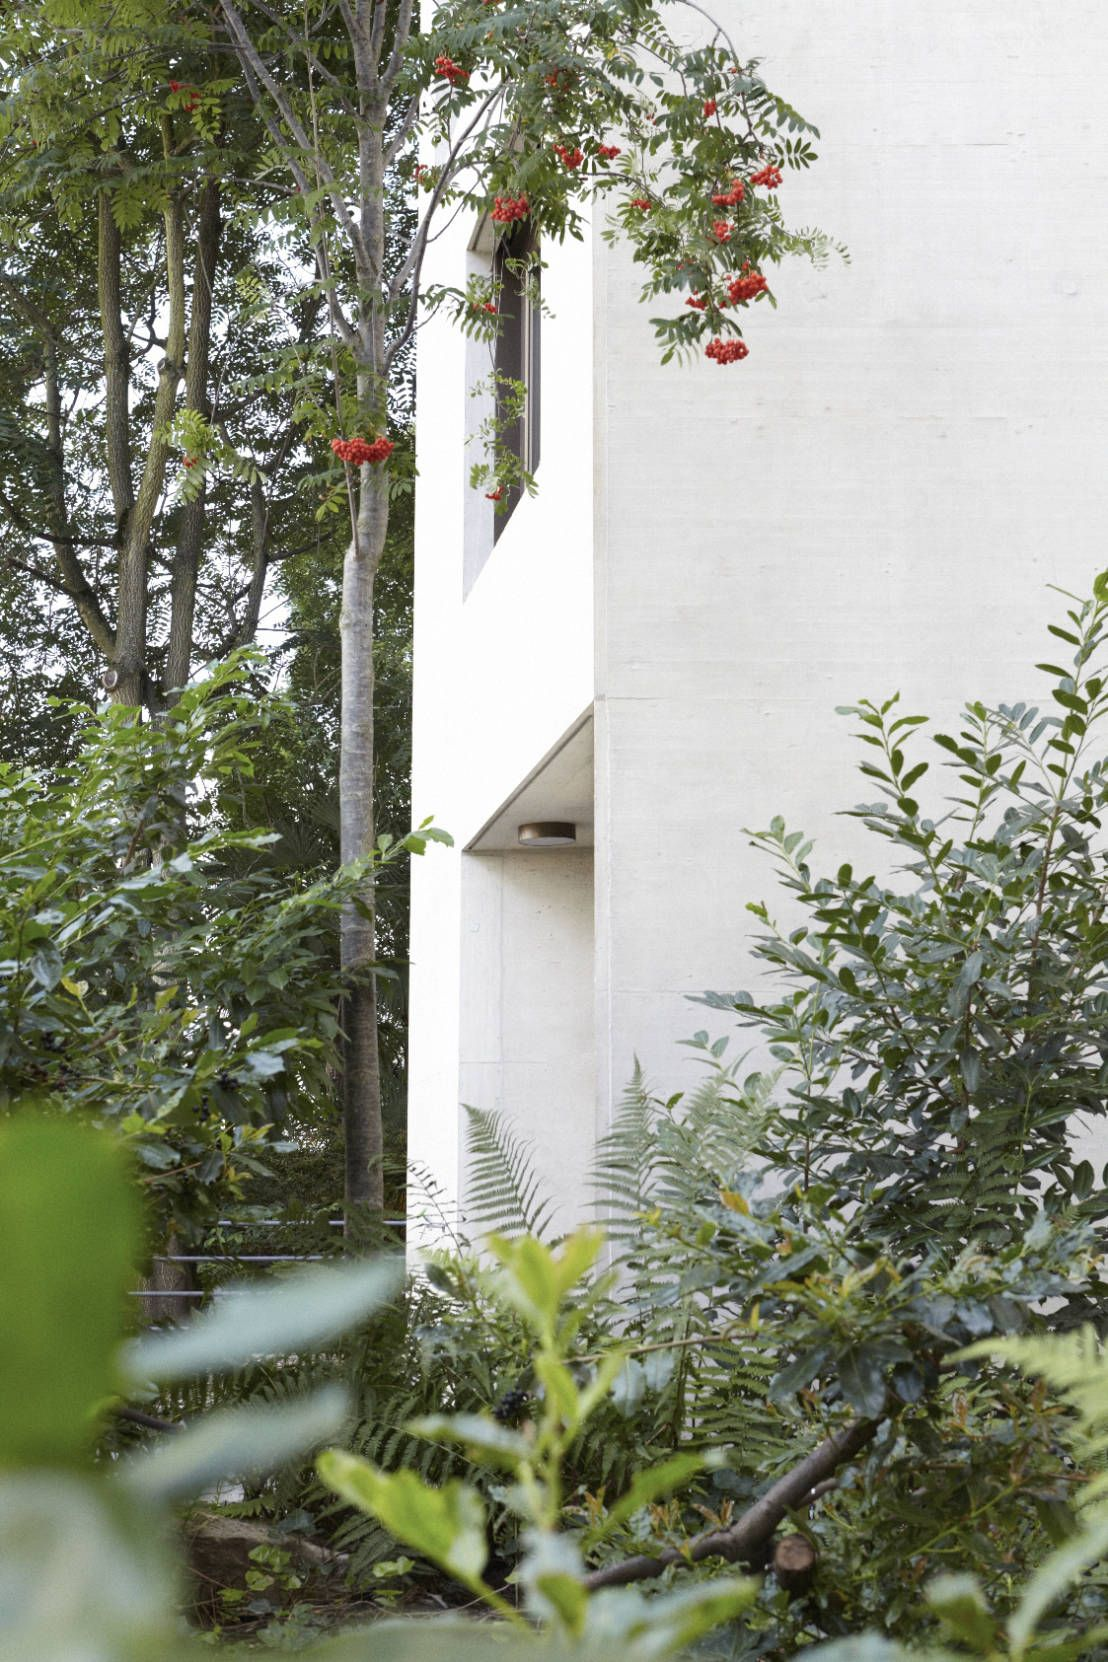 Das Schweizer Architekturbüro Oliver Brandenberger Architekten BSA BSI plante und baute in Basel den Neubau eines Mehrfamilienhauses mit Beton.